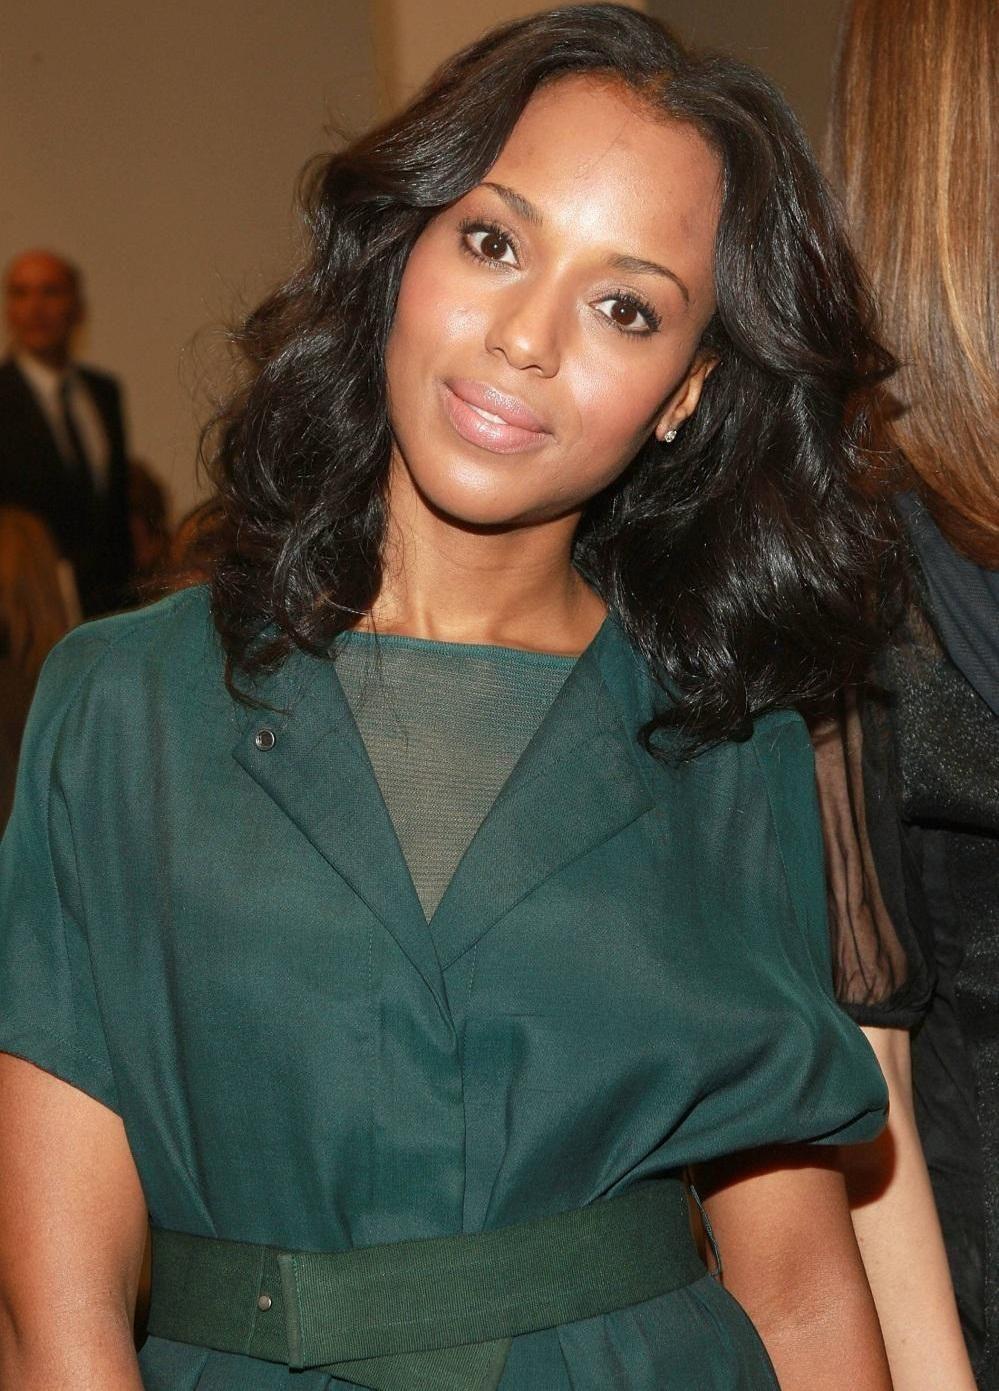 Long Weave Hairstyles for Black Women  httptipvimancomlong